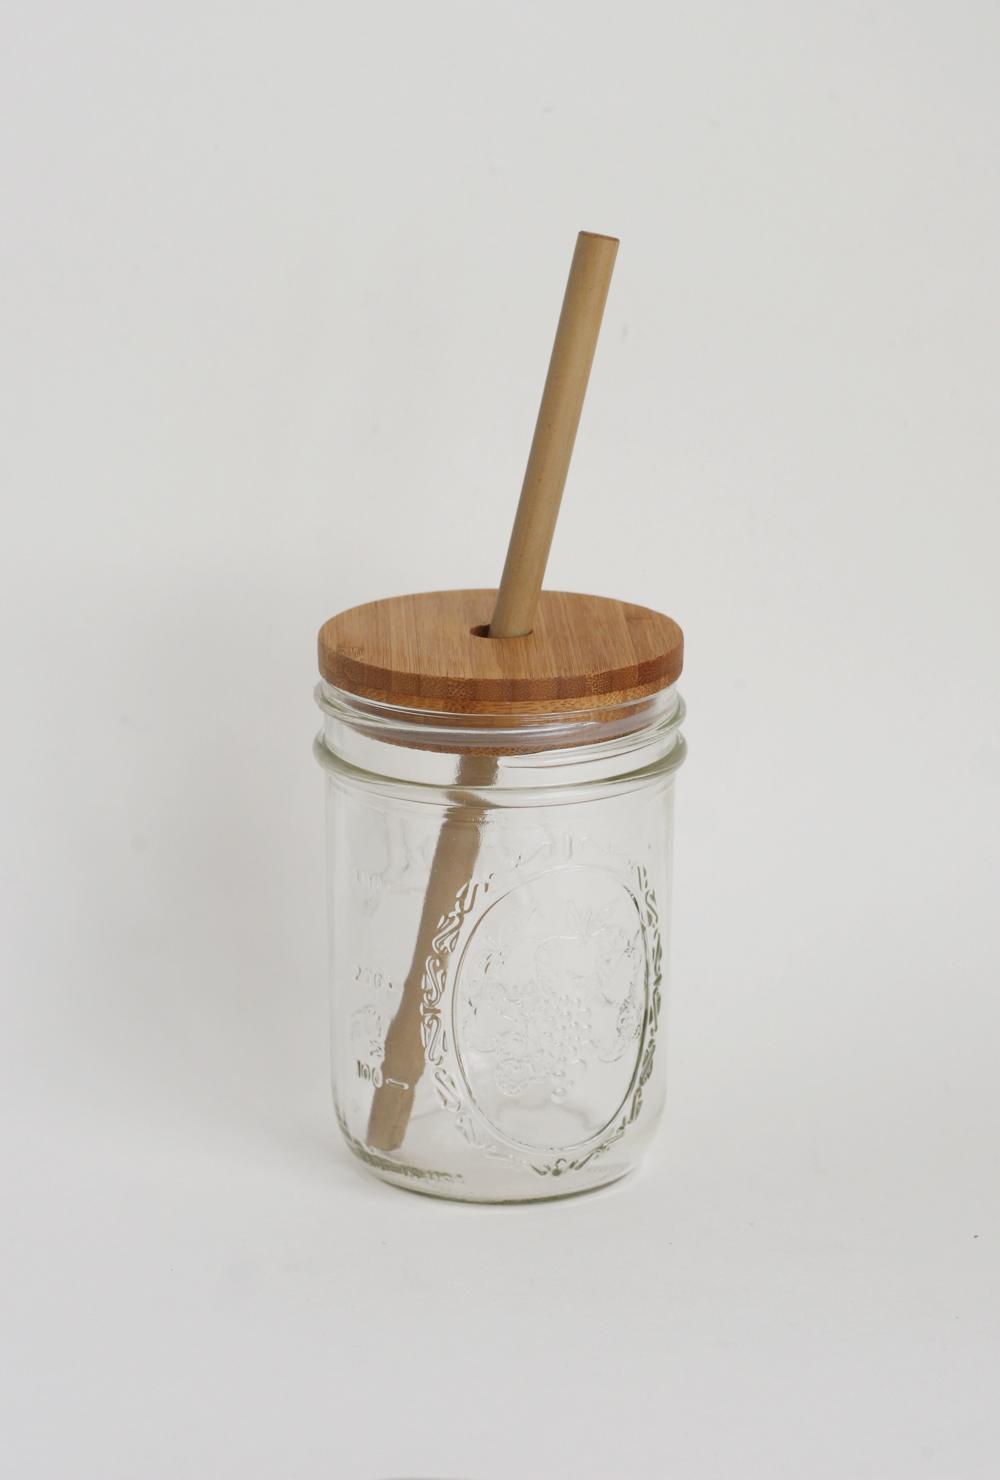 Mason Jar Bamboo Lid and Straw $20